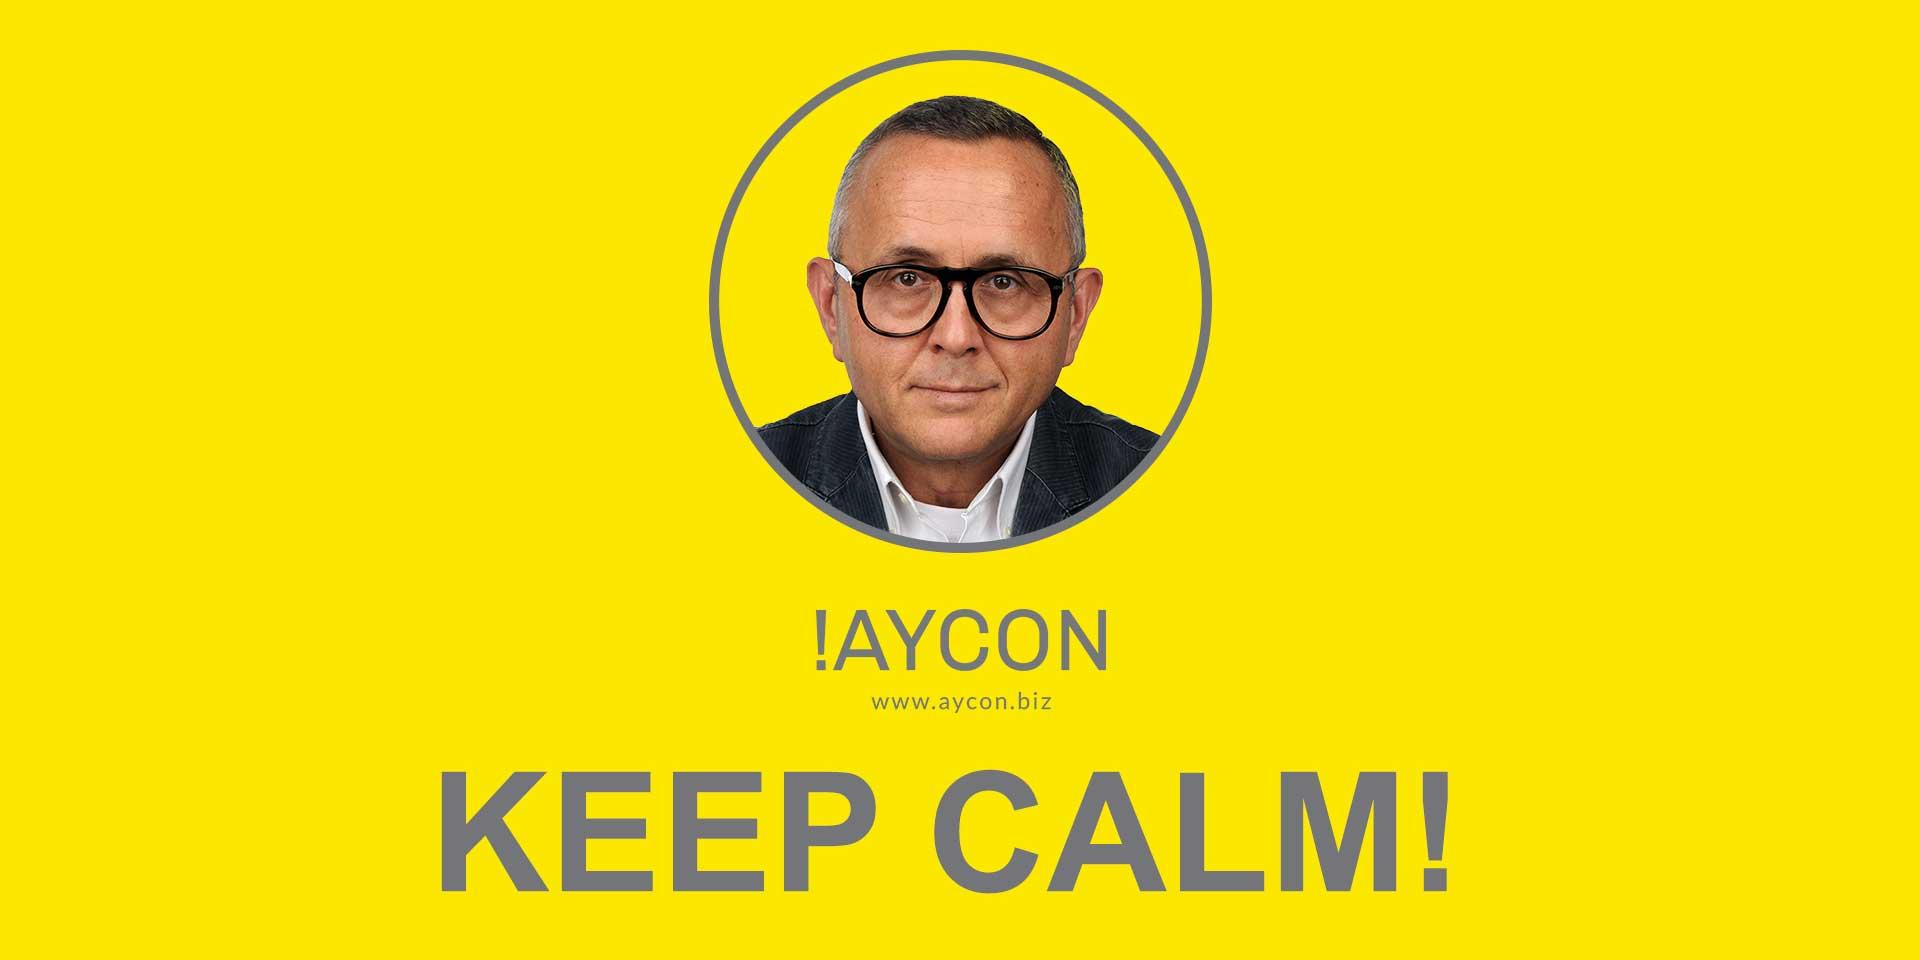 Ulvi says: Keep Calm!